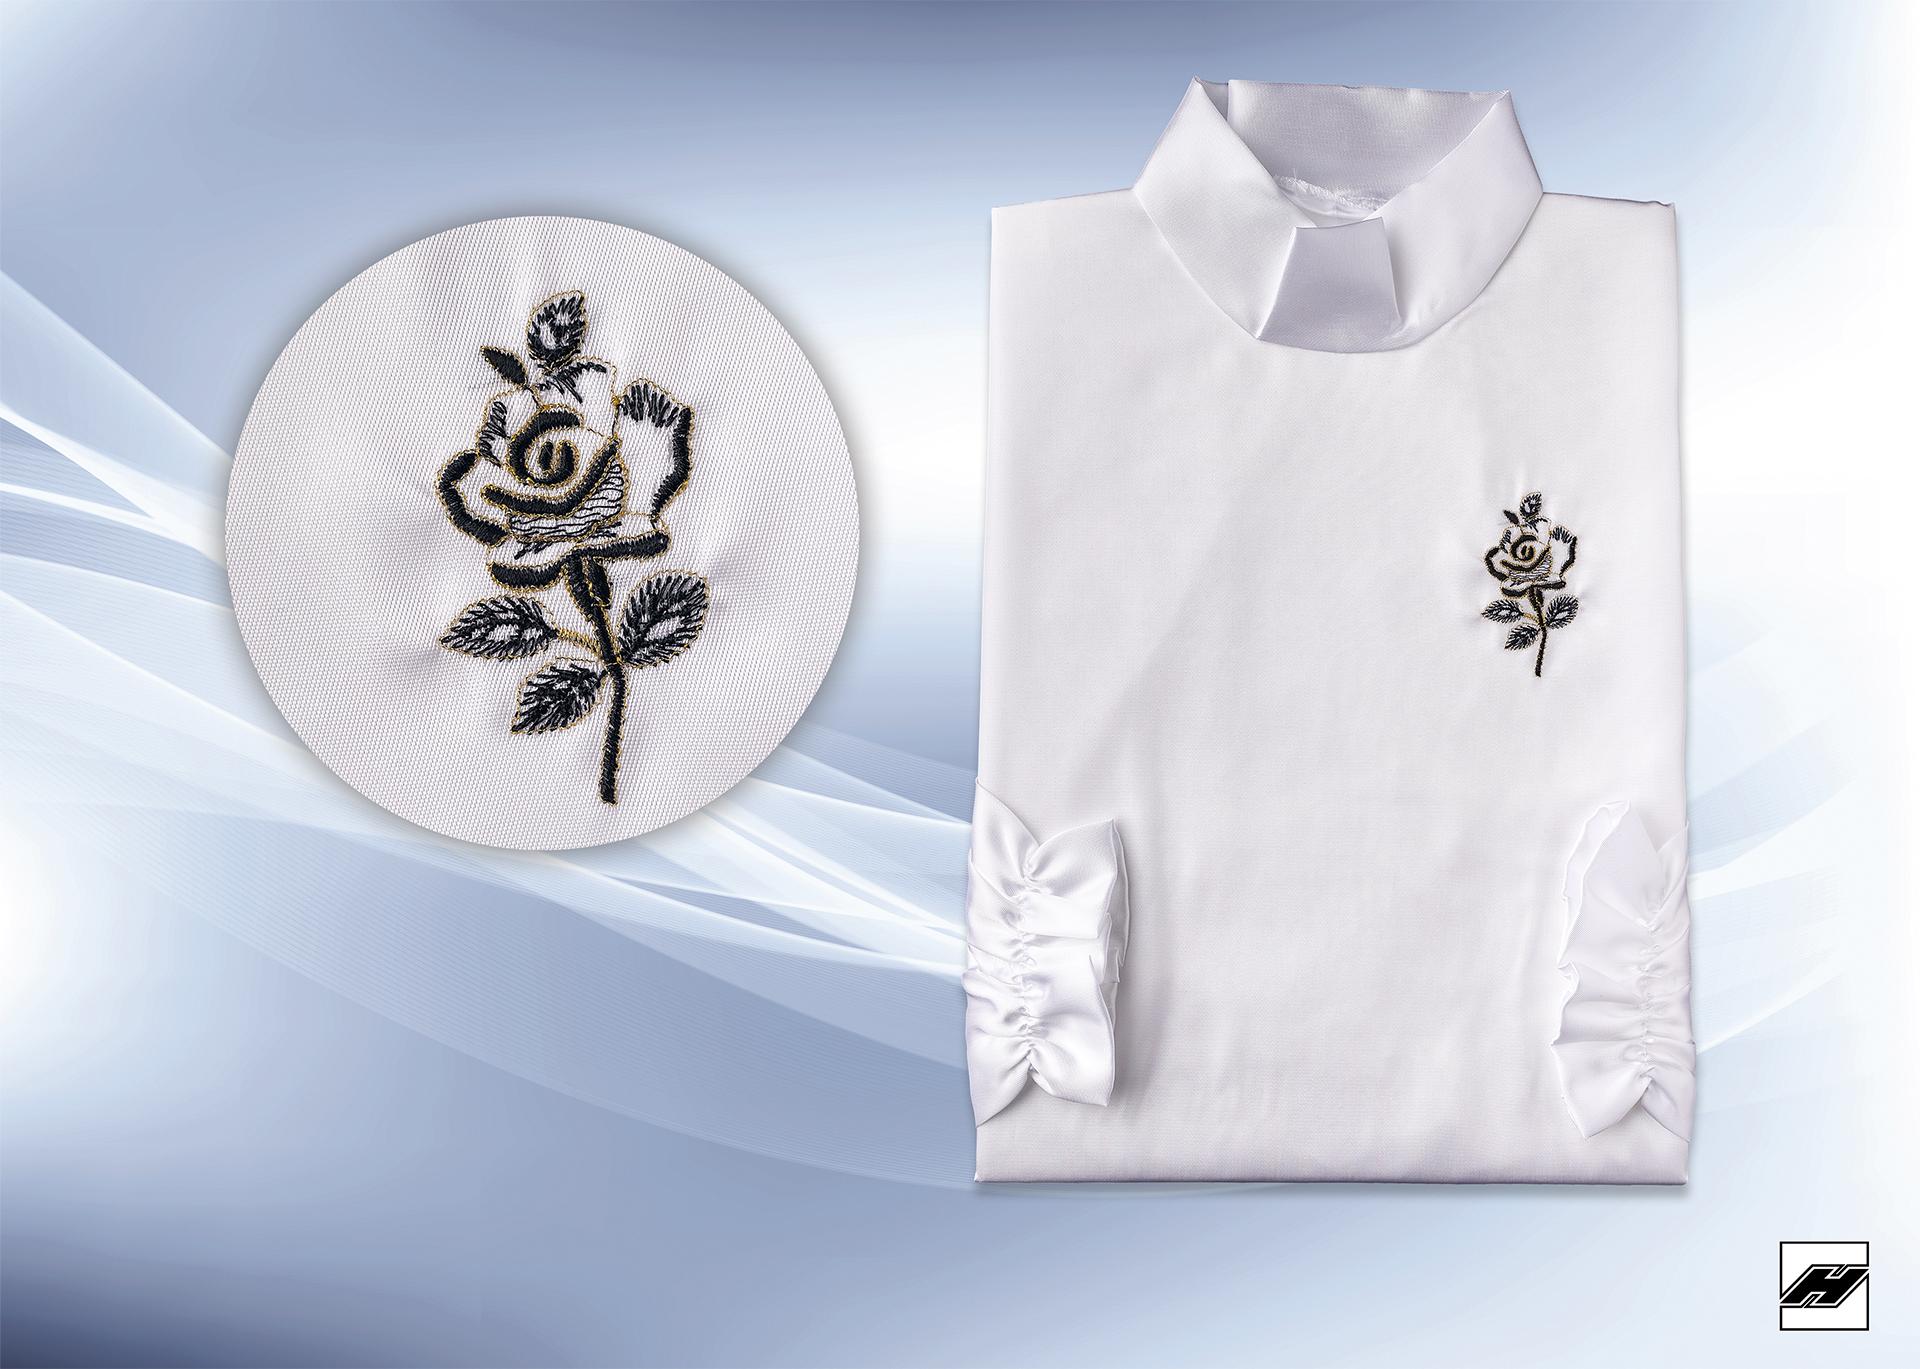 Damenkleid 229 KS weiß, Stehkragen, Stickerei: kleine schwarze Rose